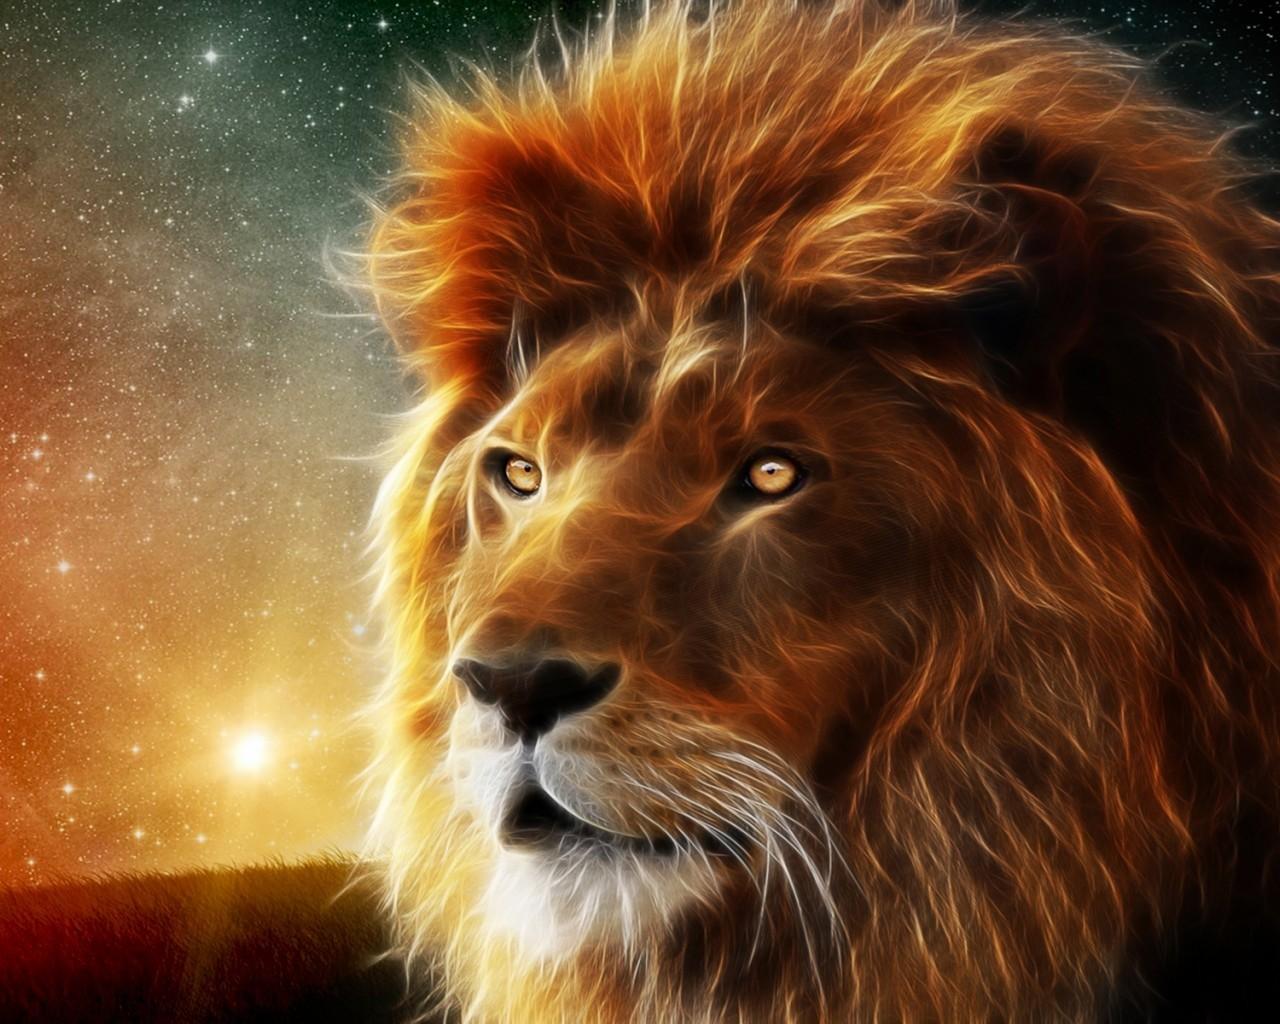 Les lions dans la culture